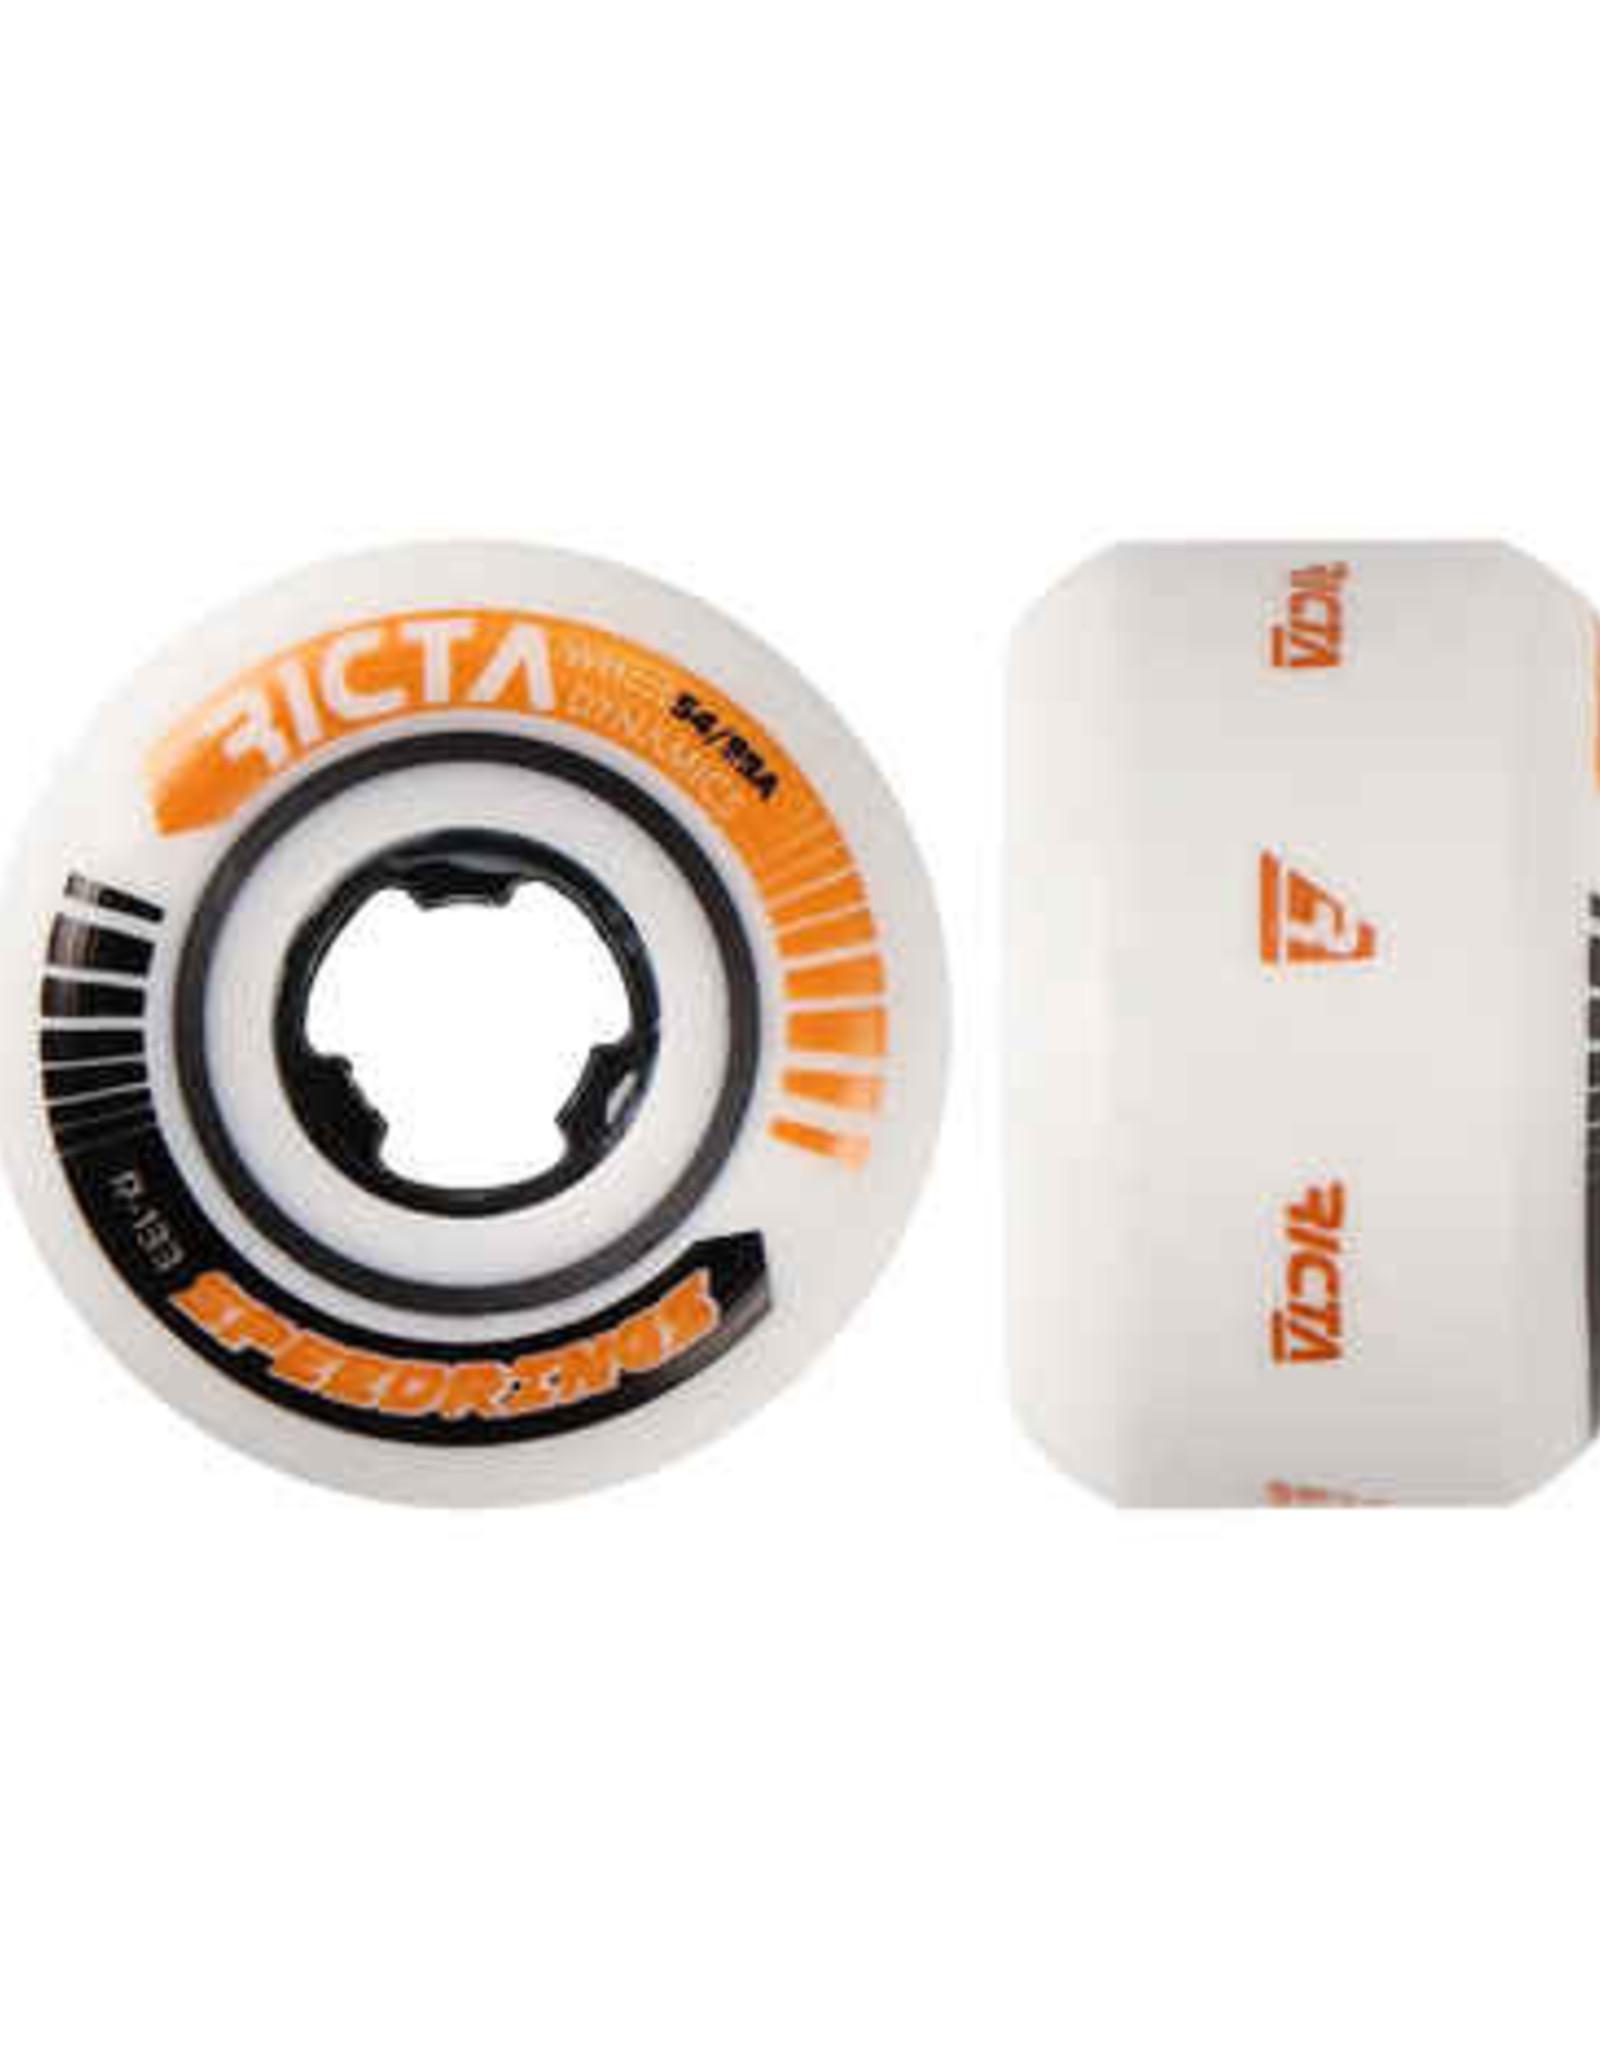 RICTA WHEELS SPEEDRINGS WIDE orange/black 99A 54MM